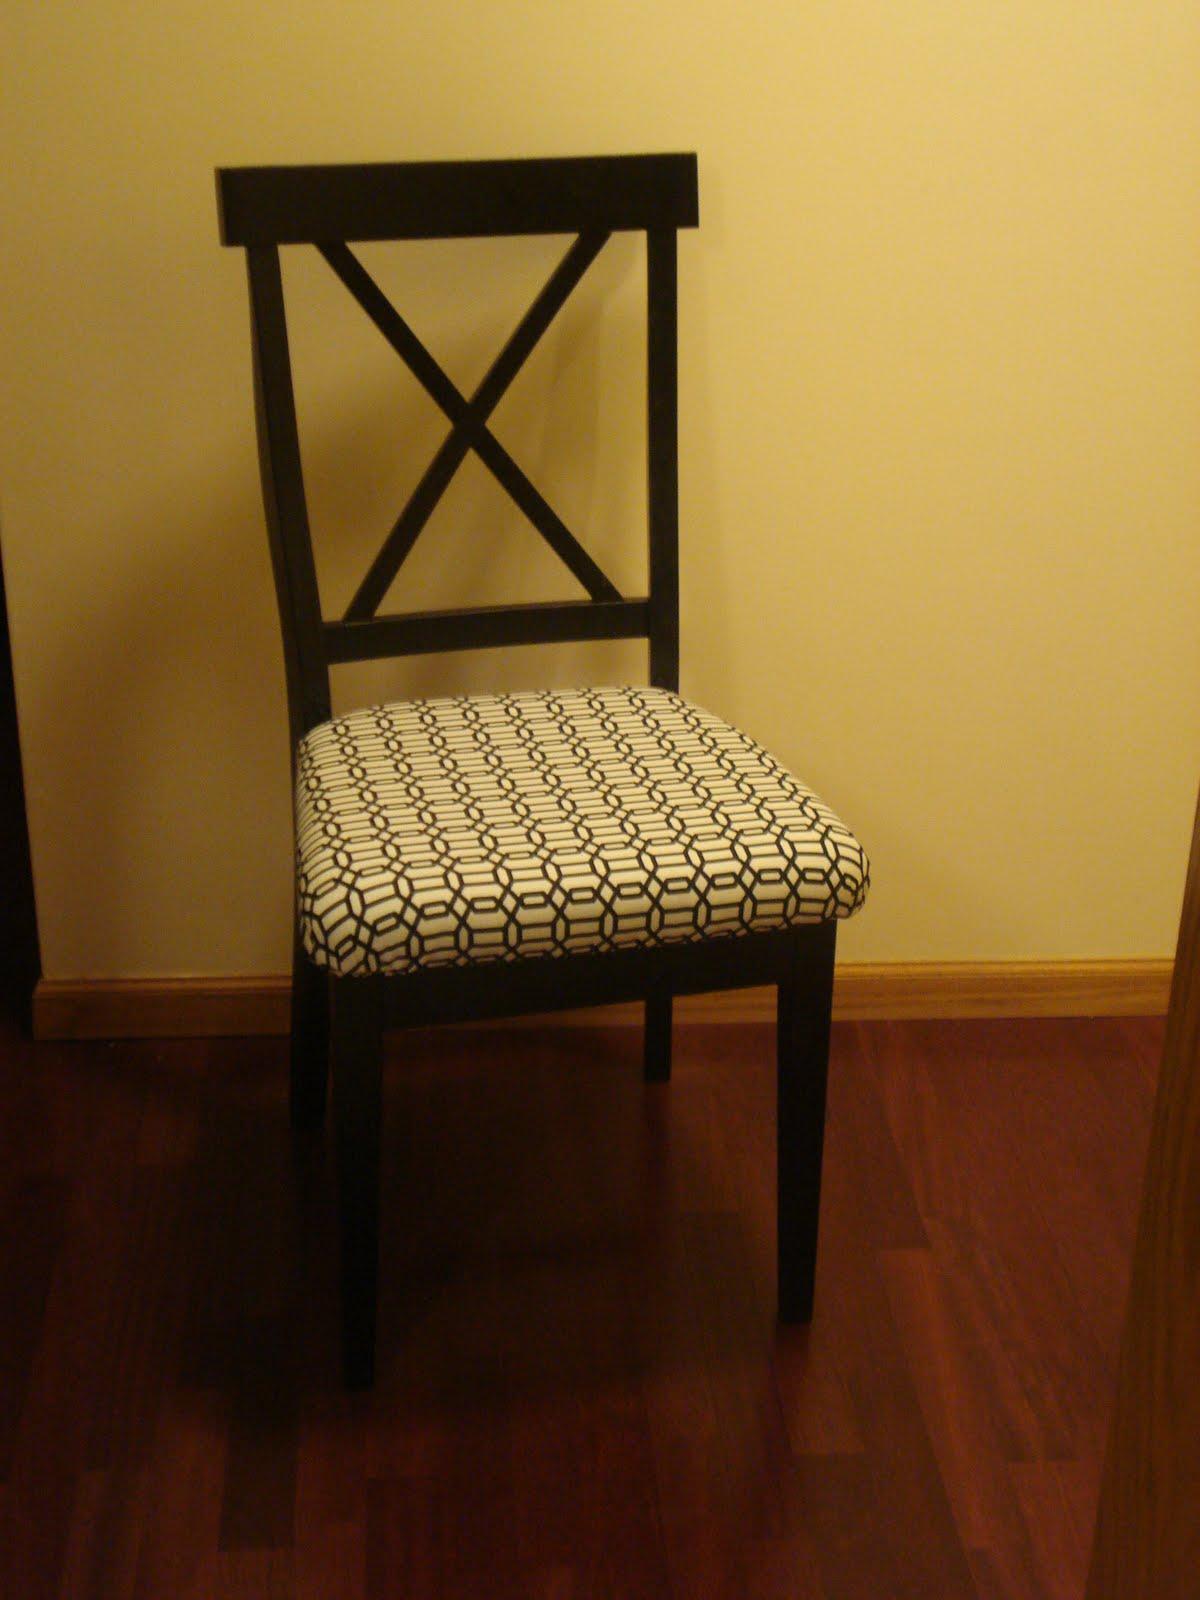 DandB Upholstering a Wooden Chair